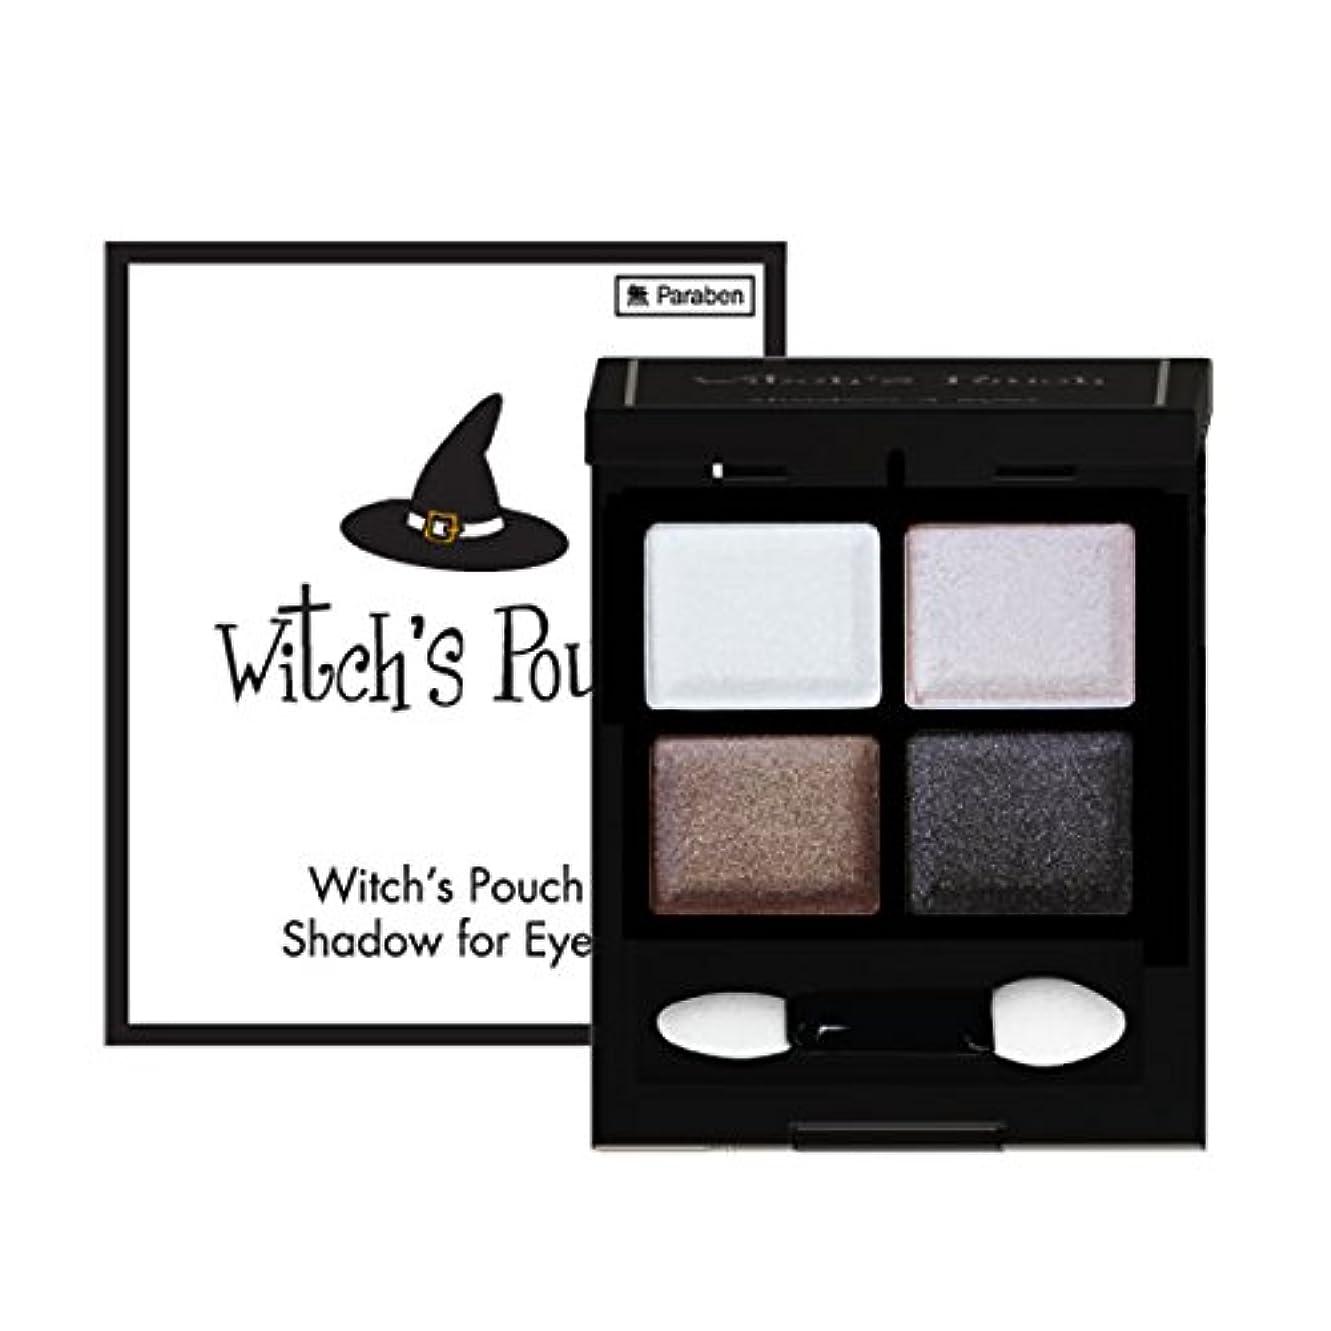 新年推定舗装するWitch's Pouch ウィッチズポーチ シャドウフォーアイズ SD5 グラムブラウン